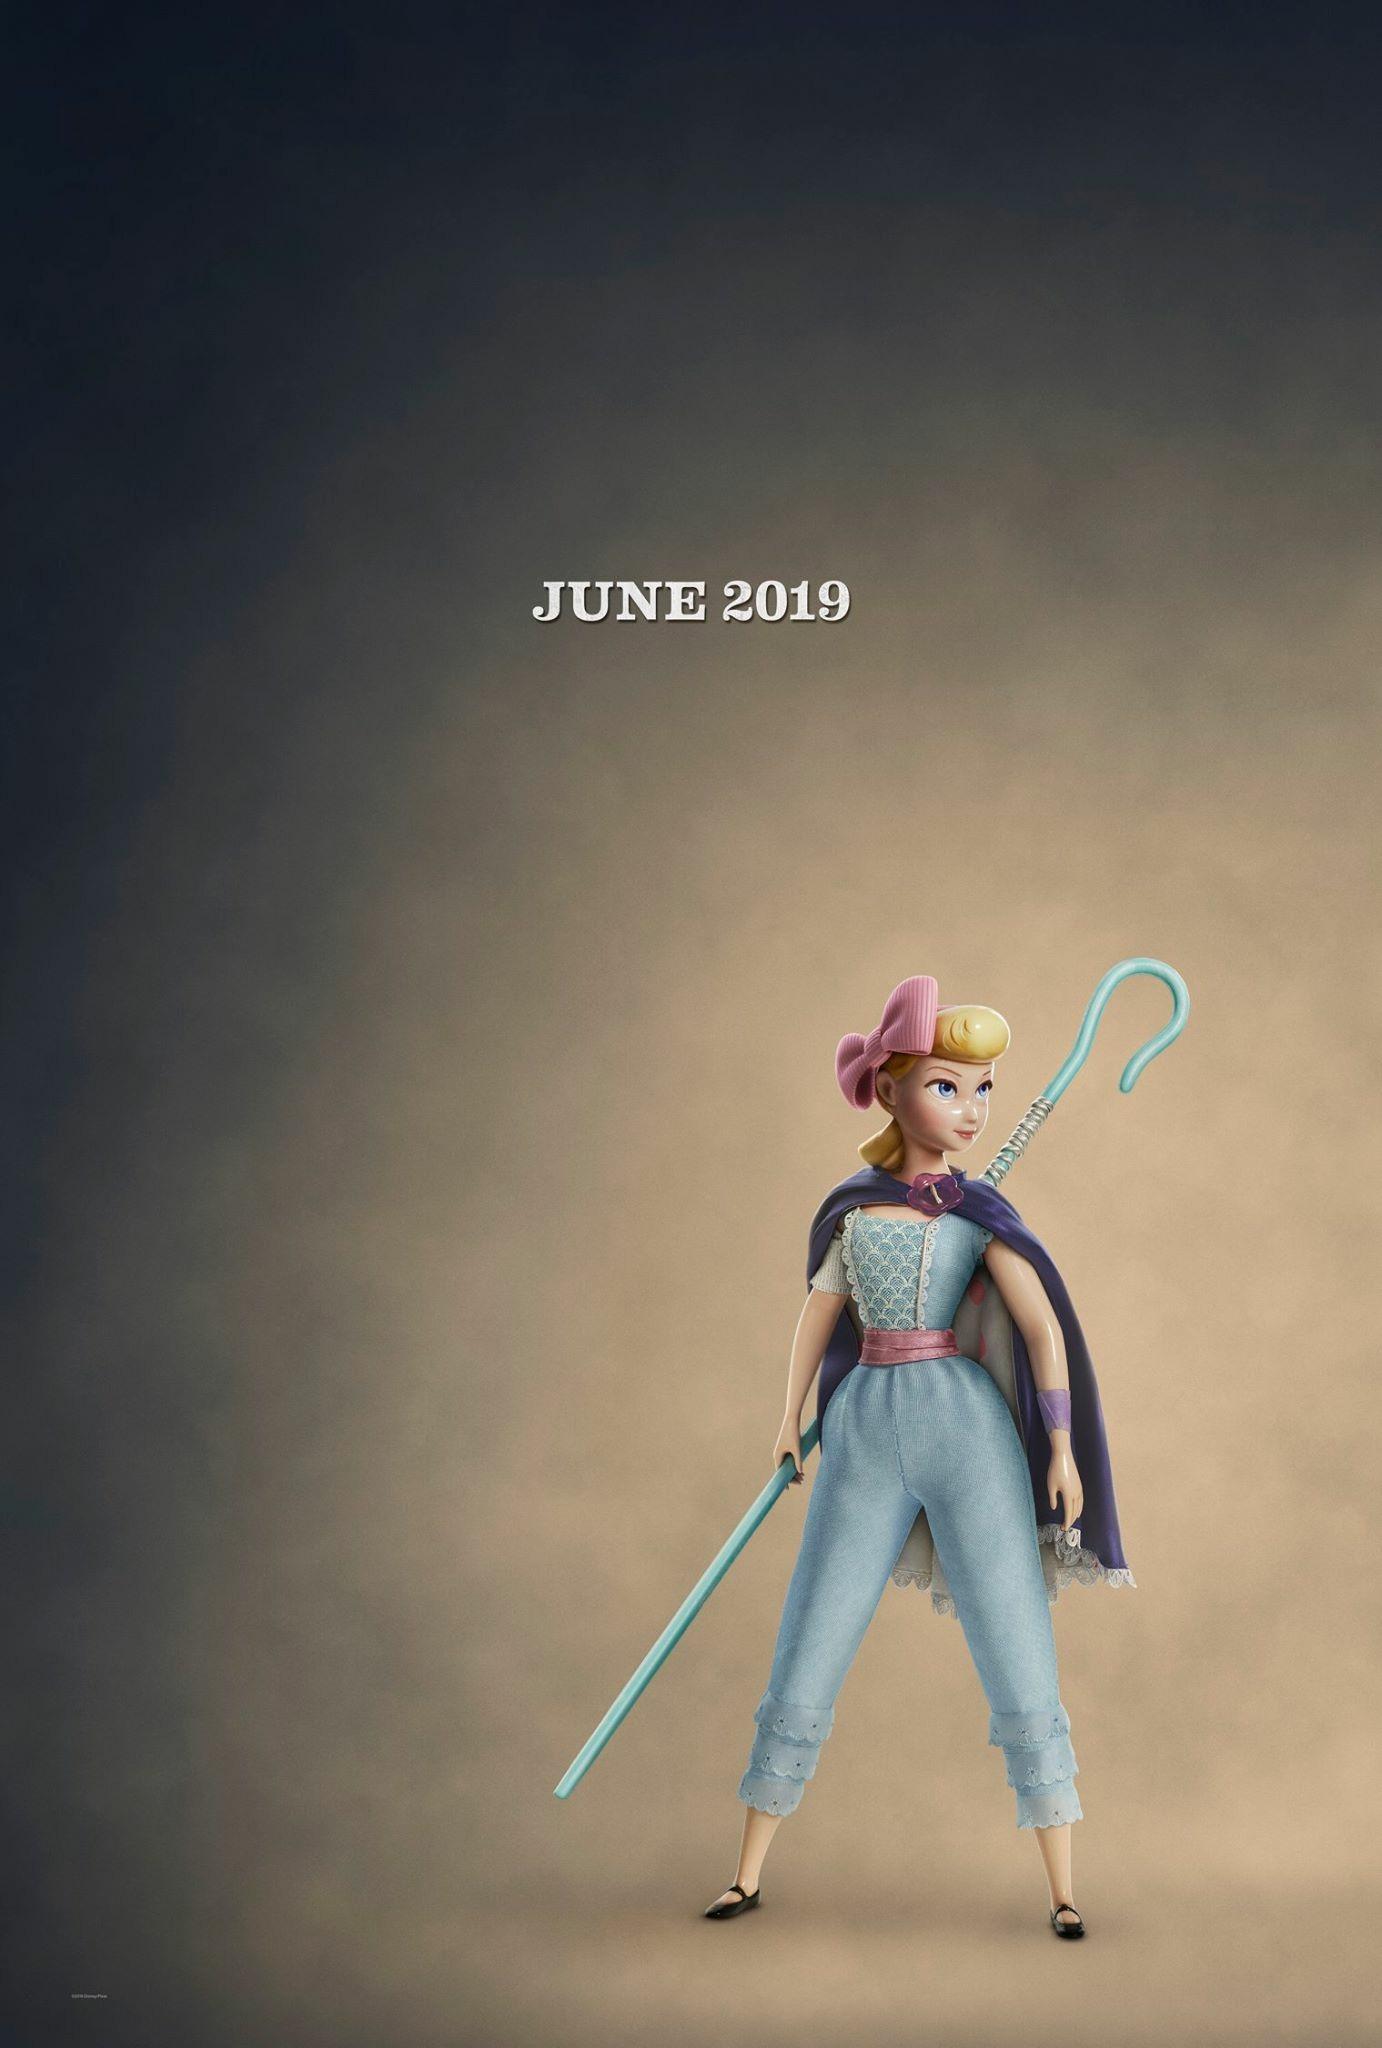 szmk_pixar_toy_story_4_pixar_disney_1.jpg